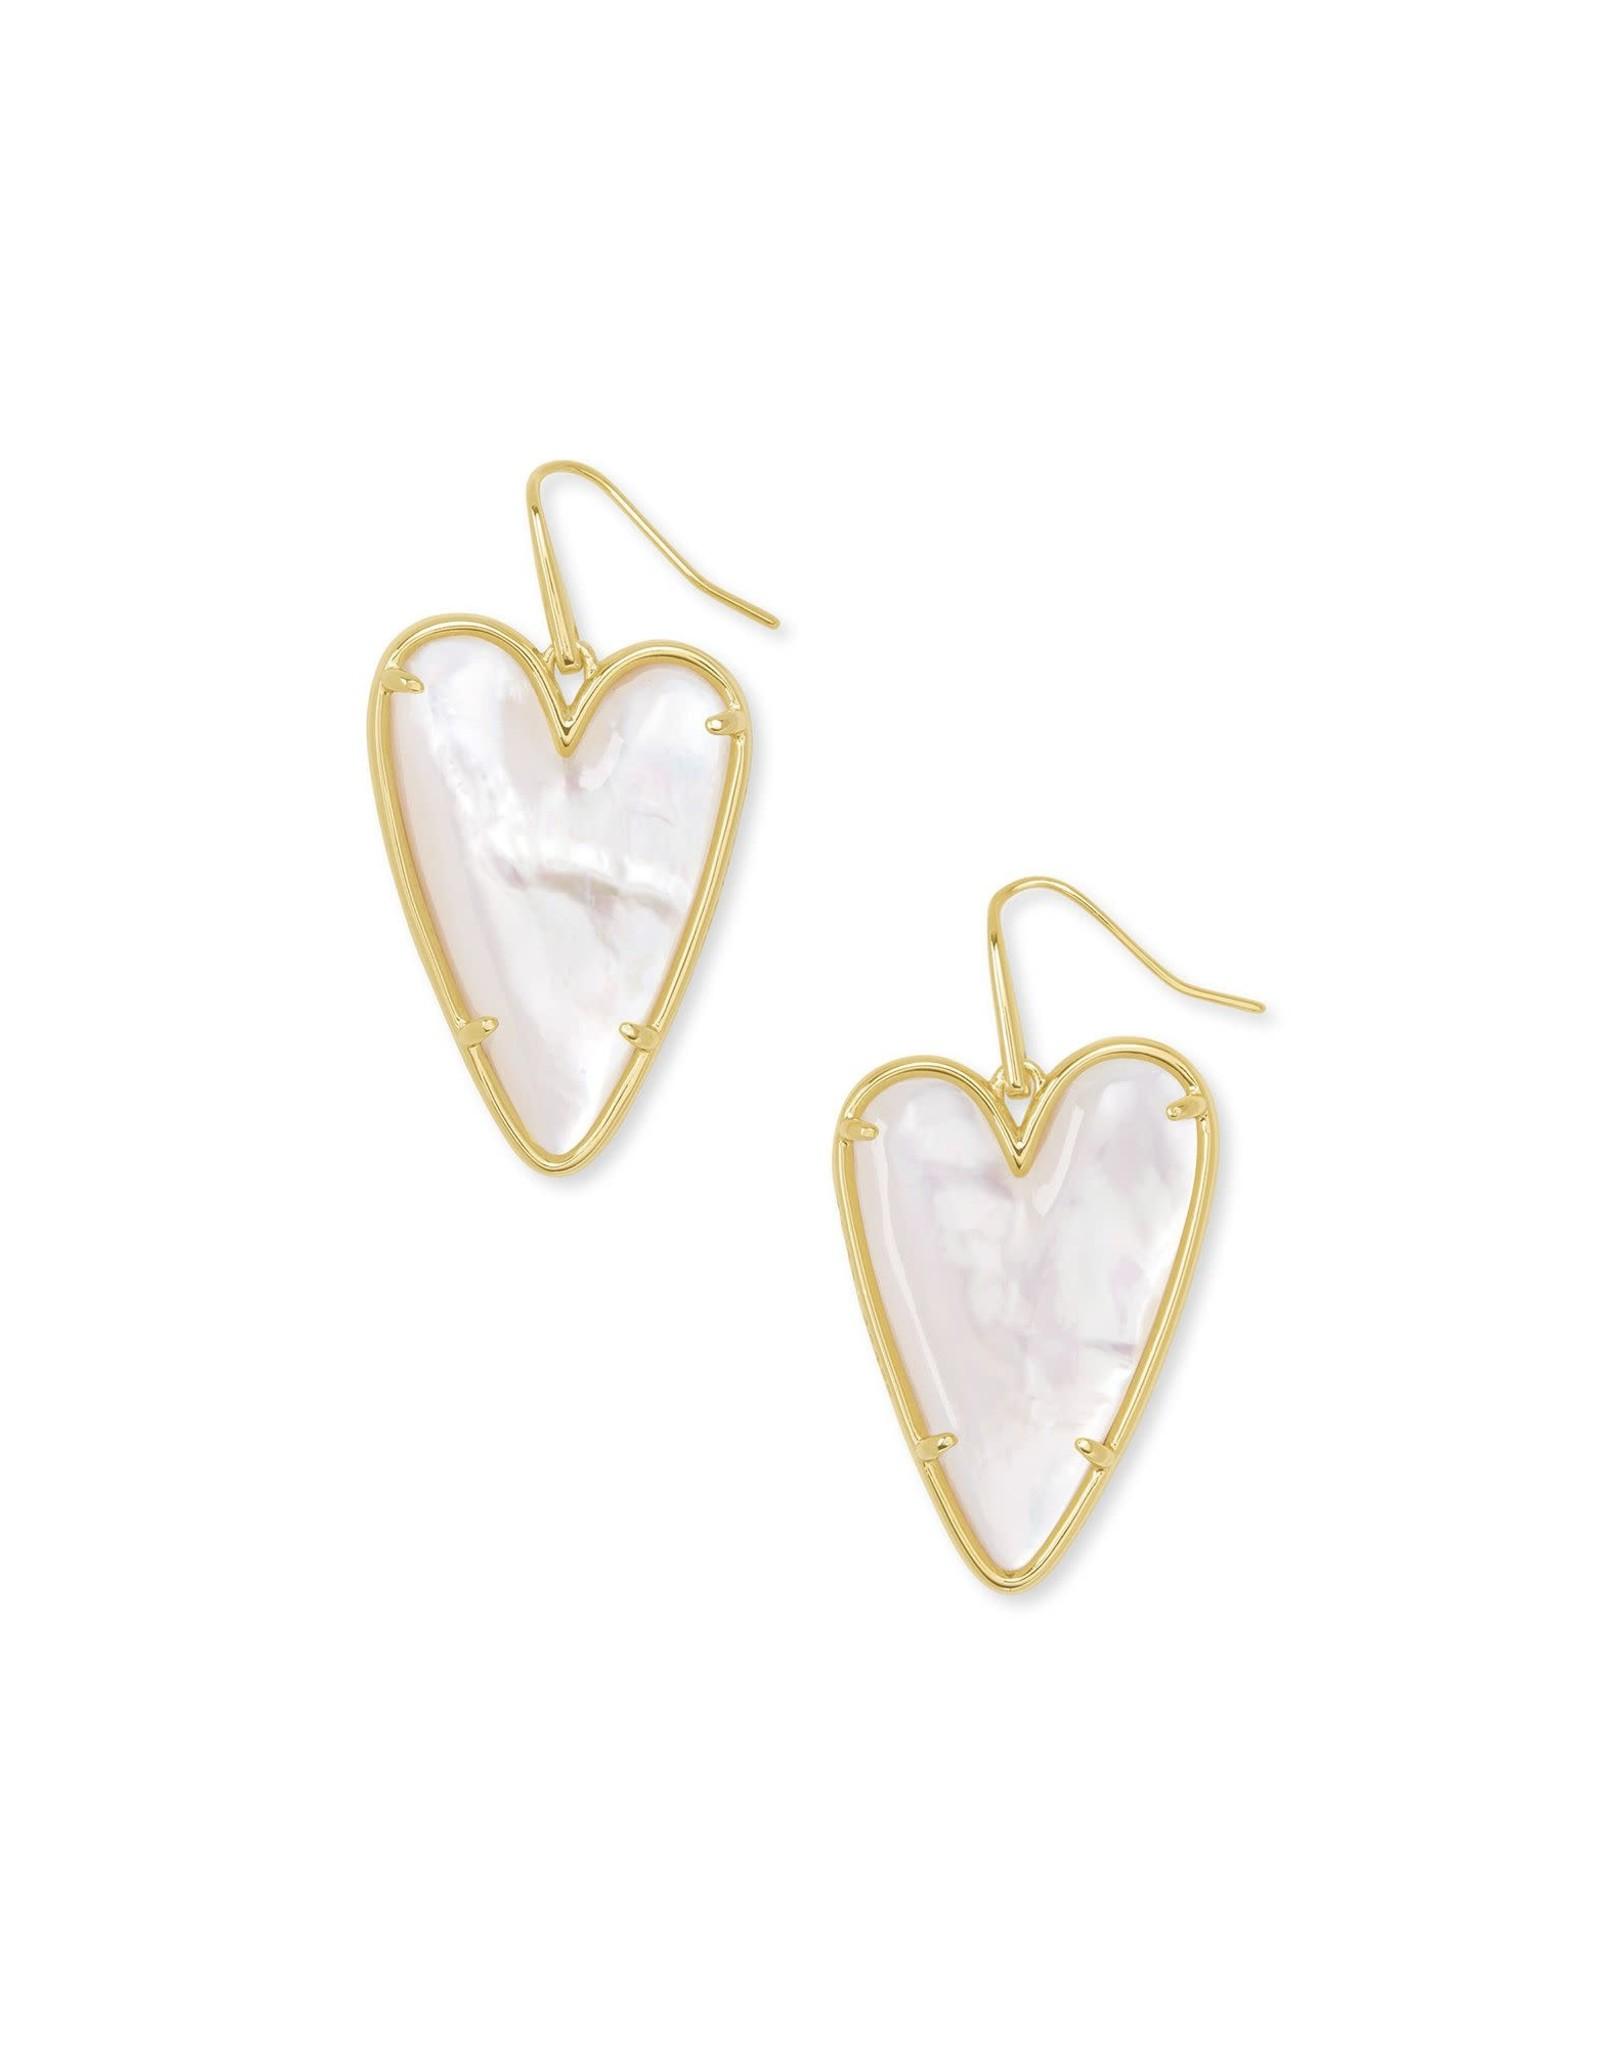 Kendra Scott Ansley Drop Earring - Ivory MOP/Gold